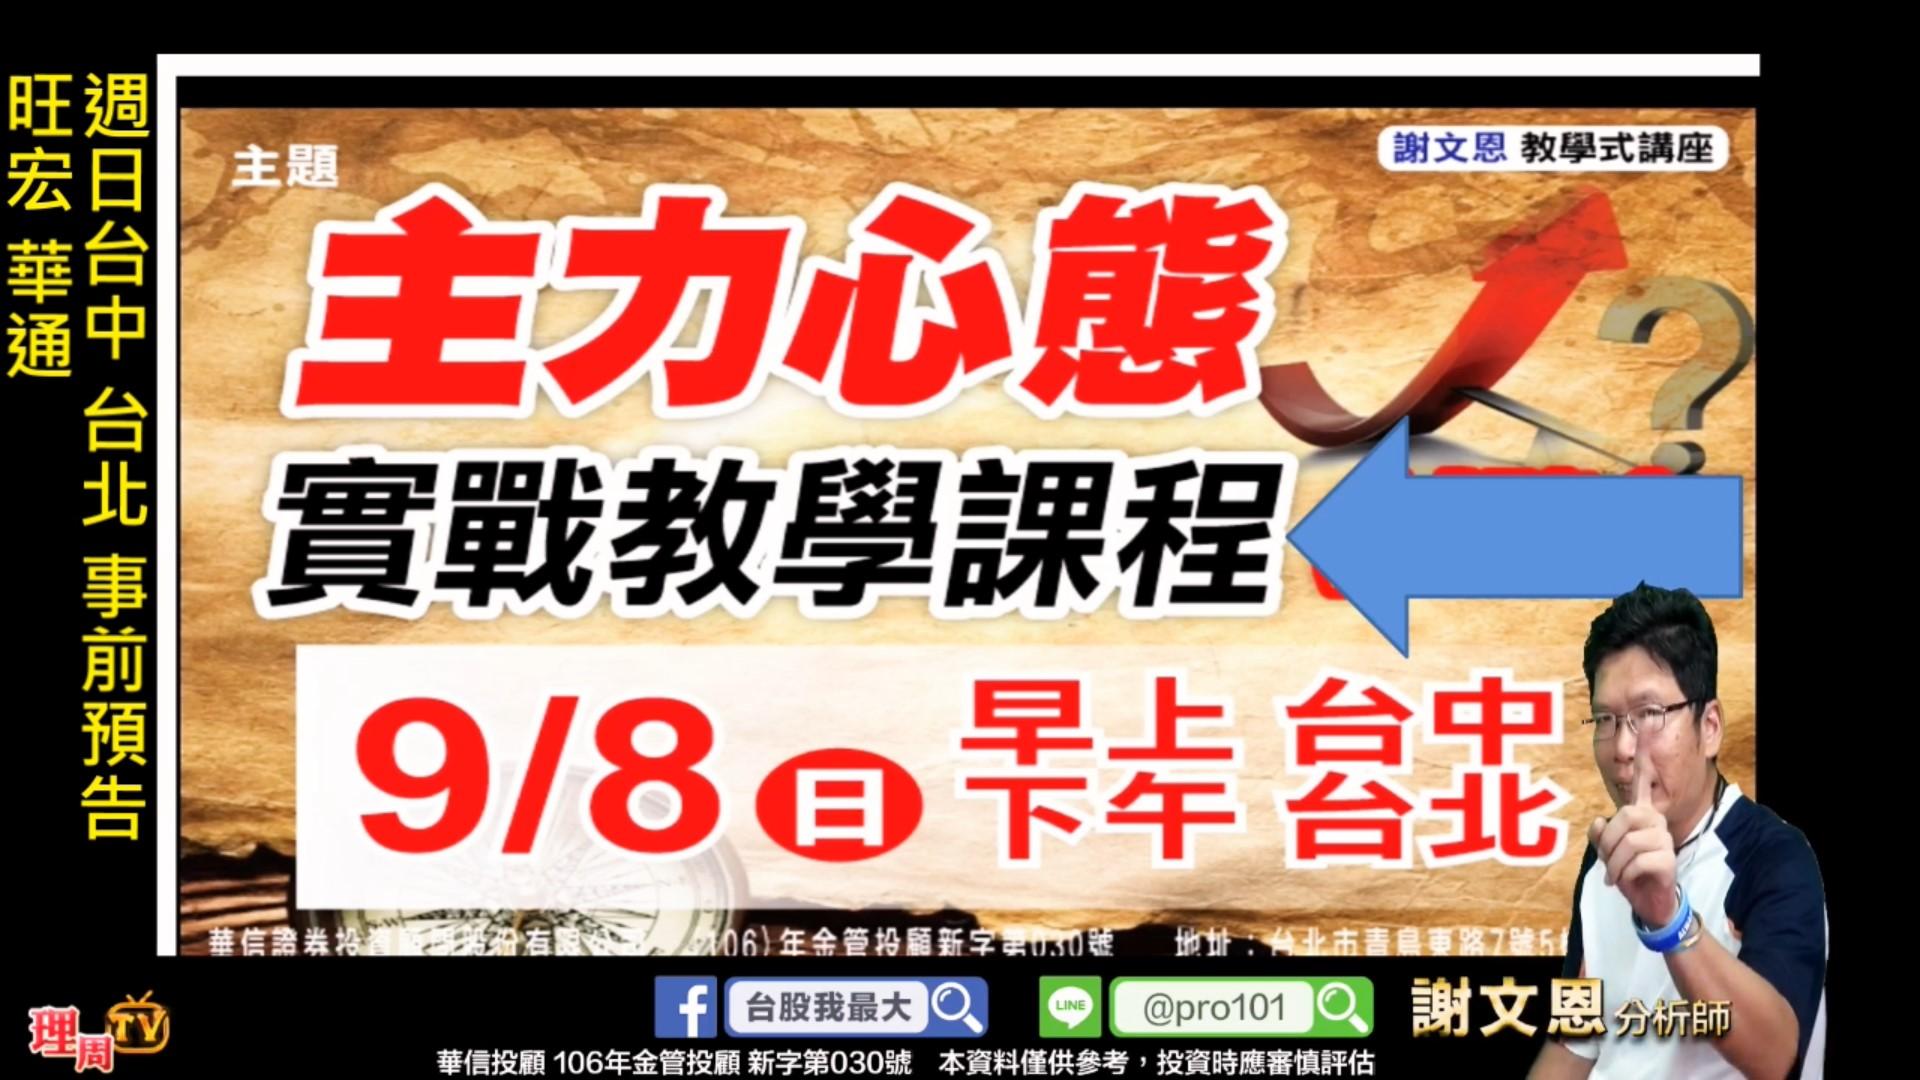 0905_週日台中 台北 事前預告 旺宏 華通